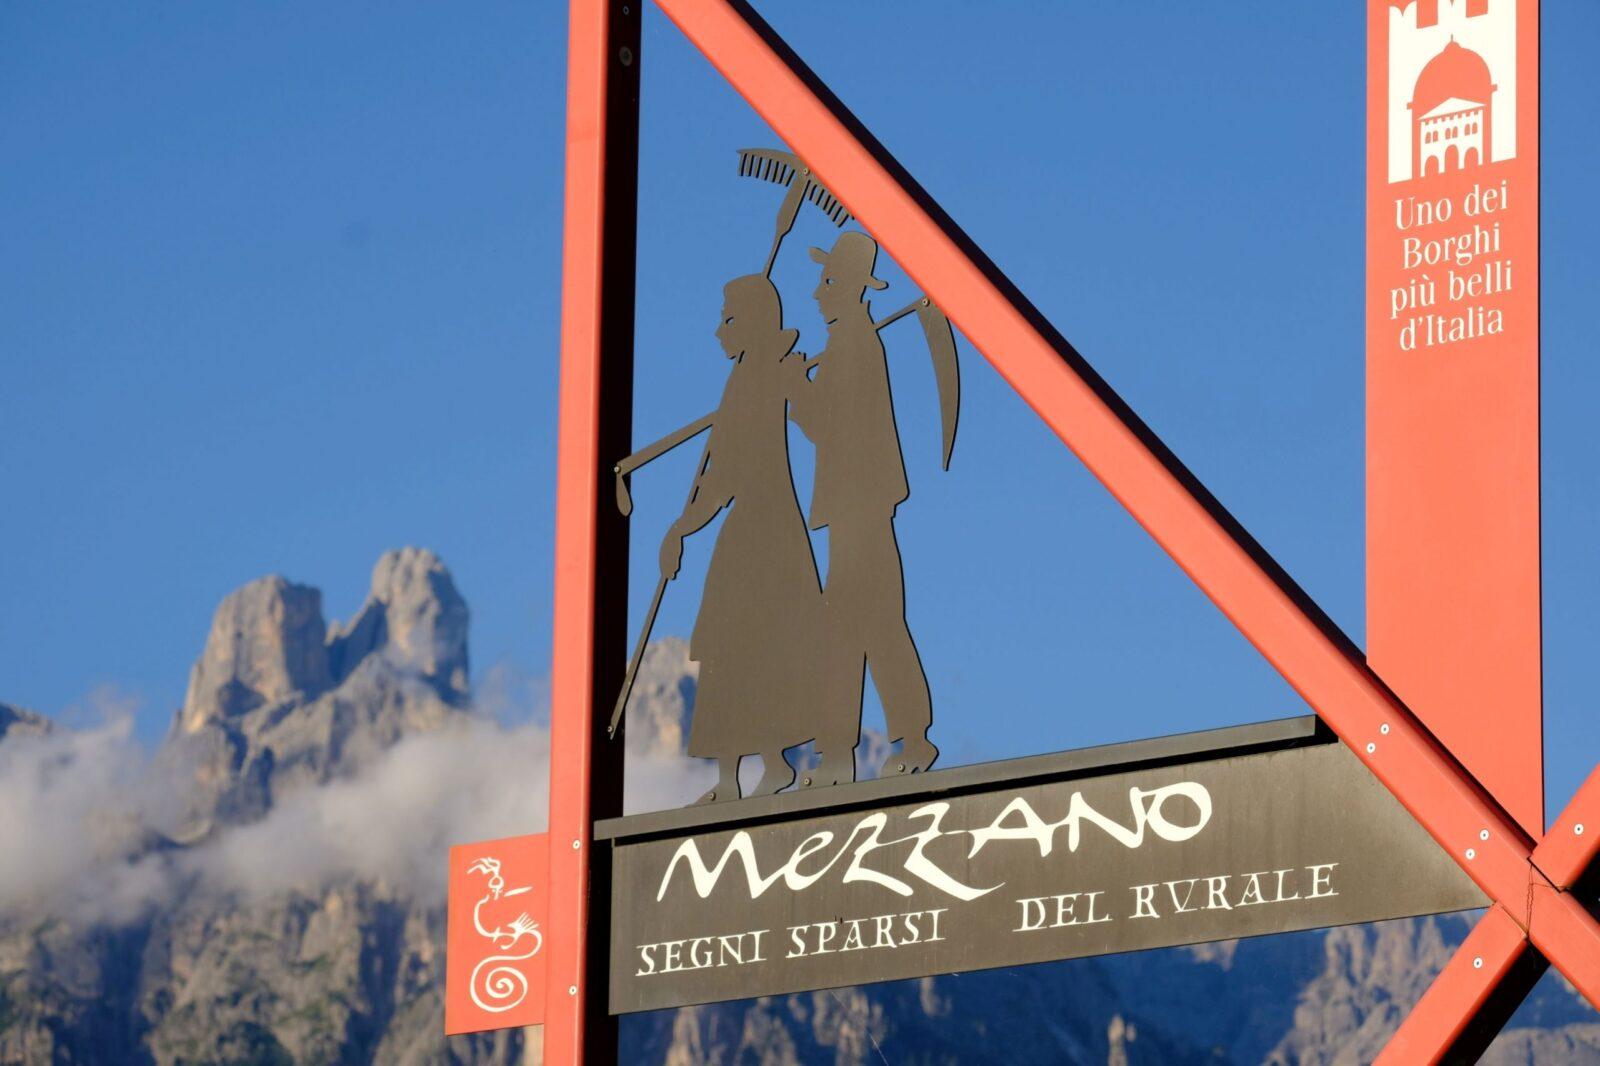 Mezzano (ph www.orlerimages.com )